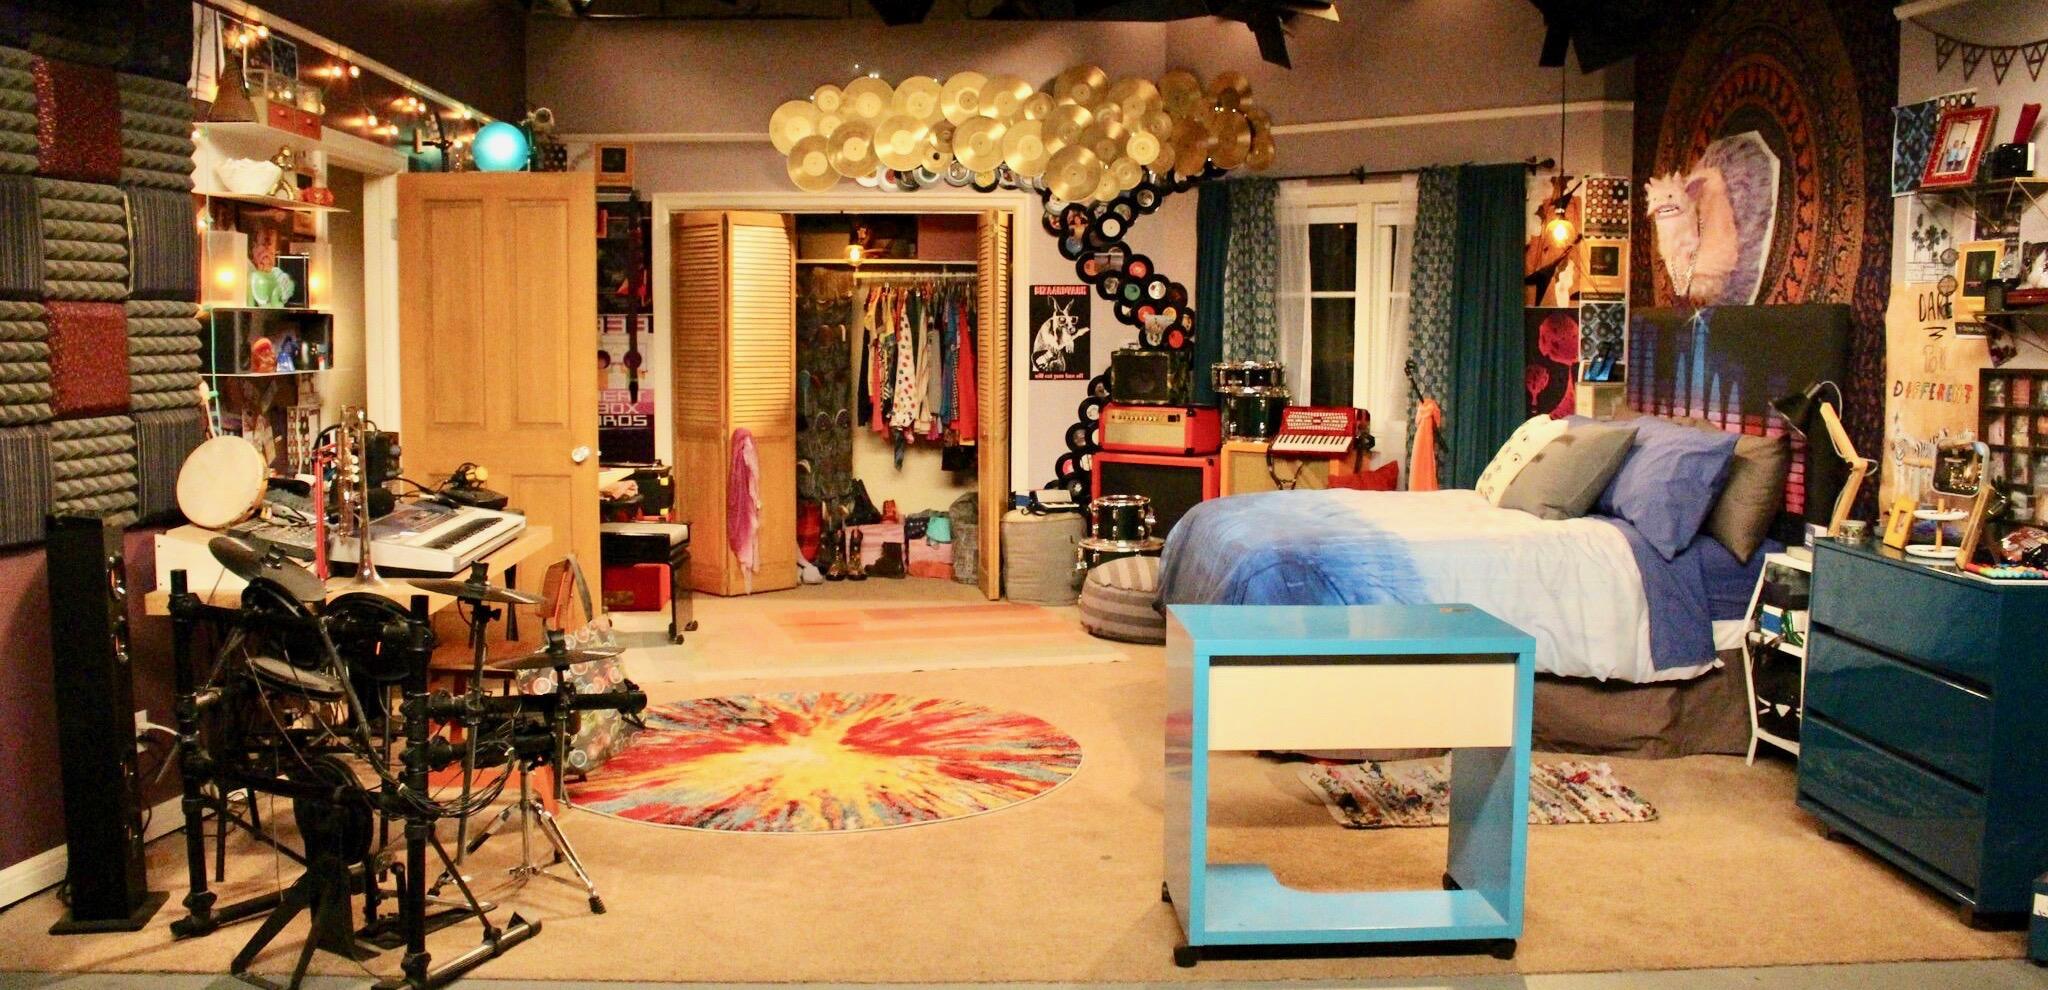 Frankie's room.jpg